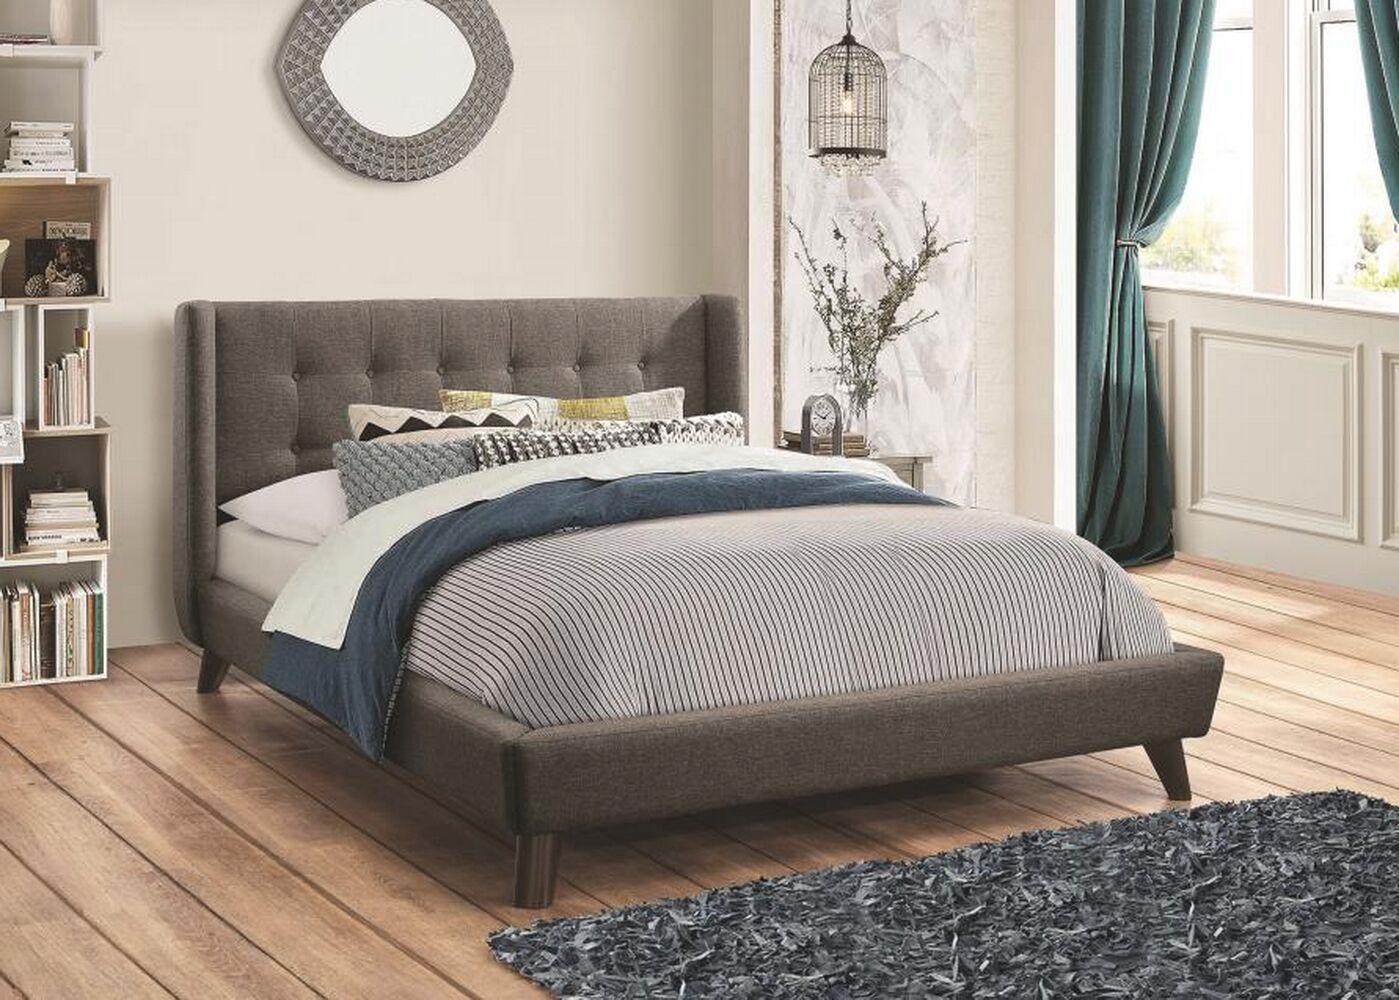 Ballesteros Upholstered Platform Bed (Set of 2) Size: California King